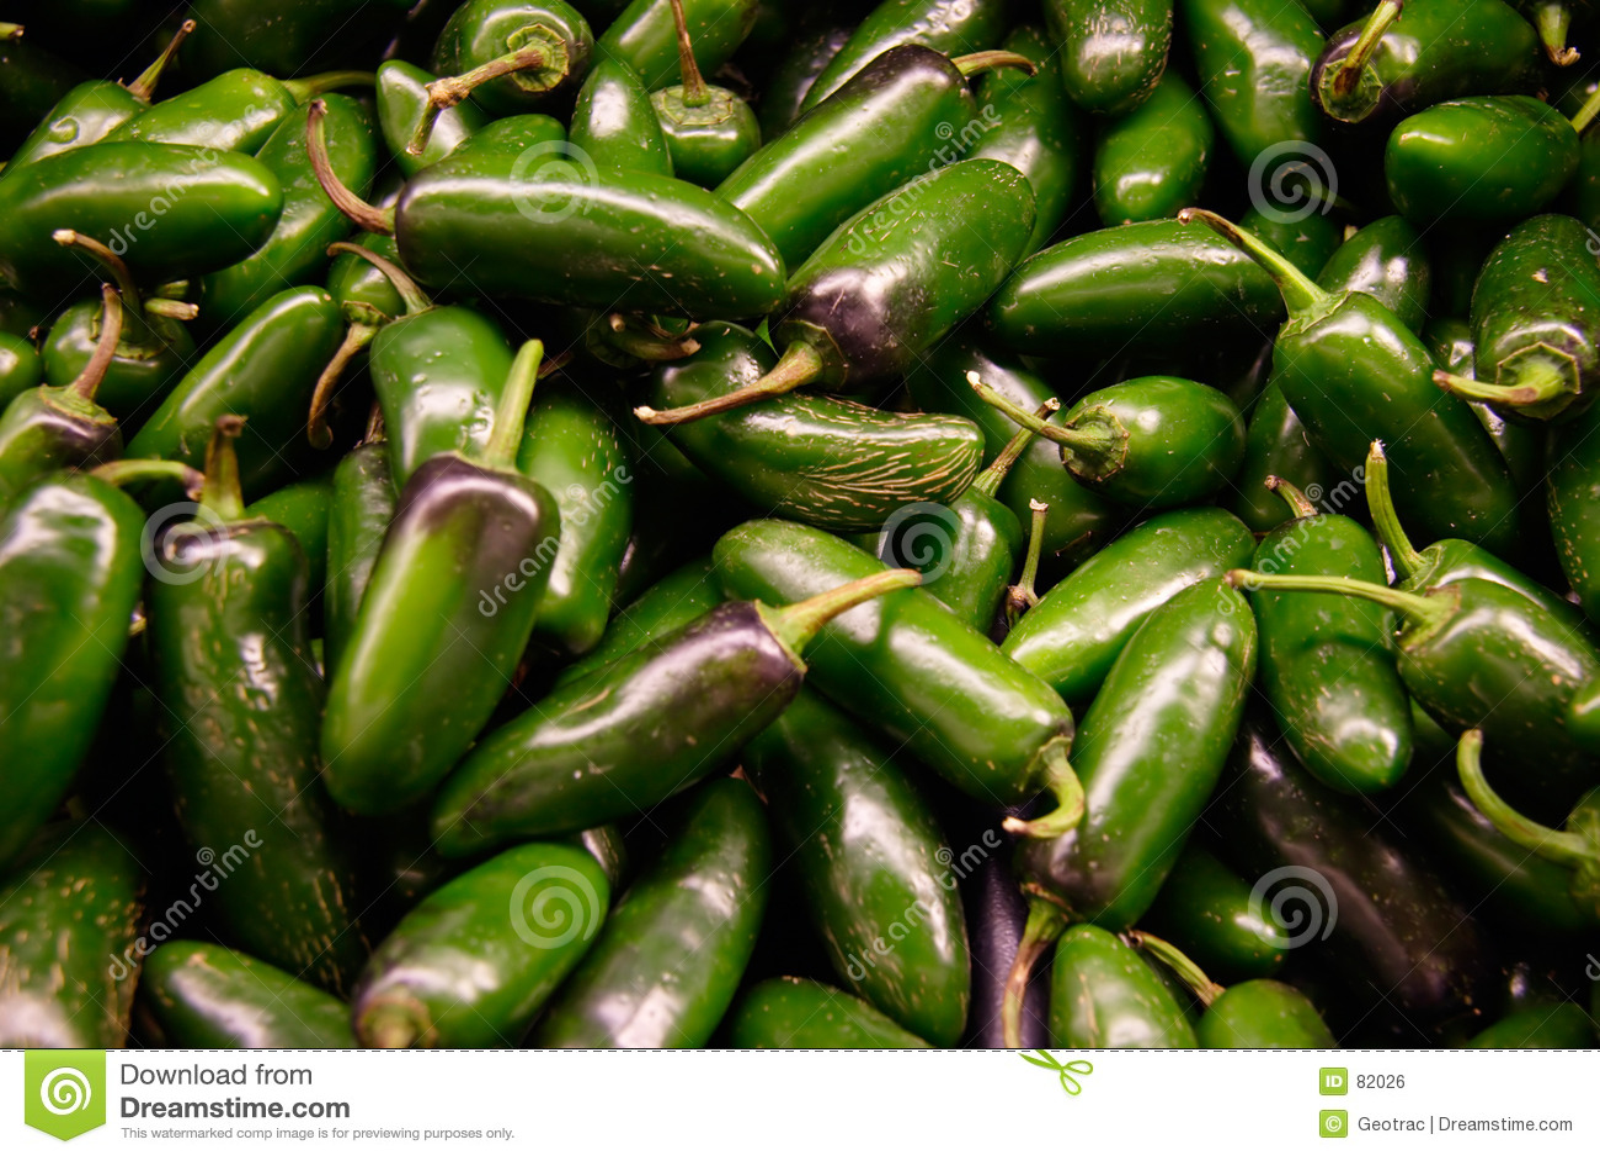 Zielone jalopeno papryki